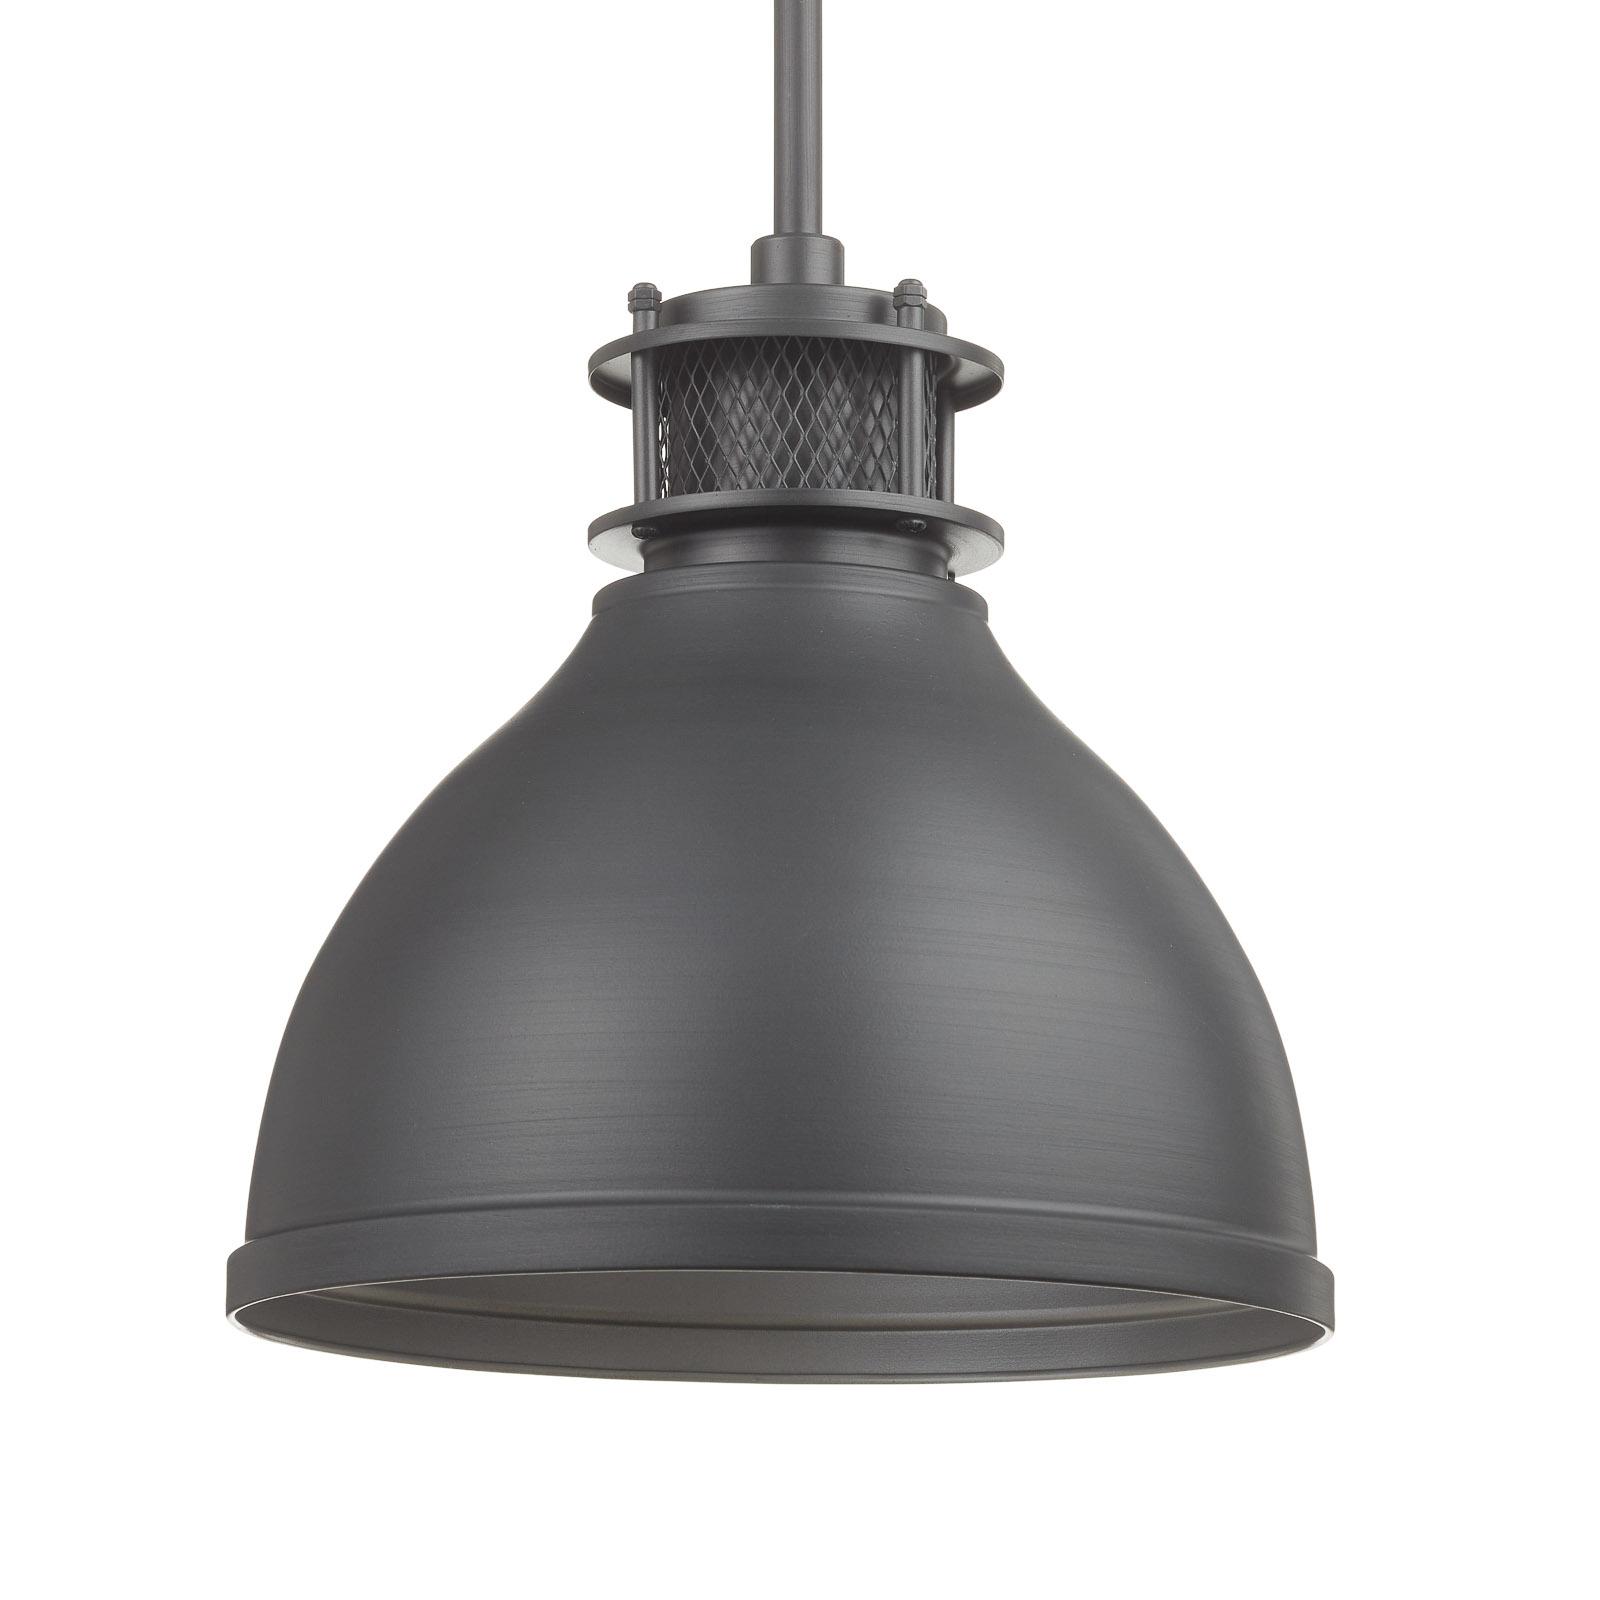 Westinghouse 6326840 lampa wisząca, czarna